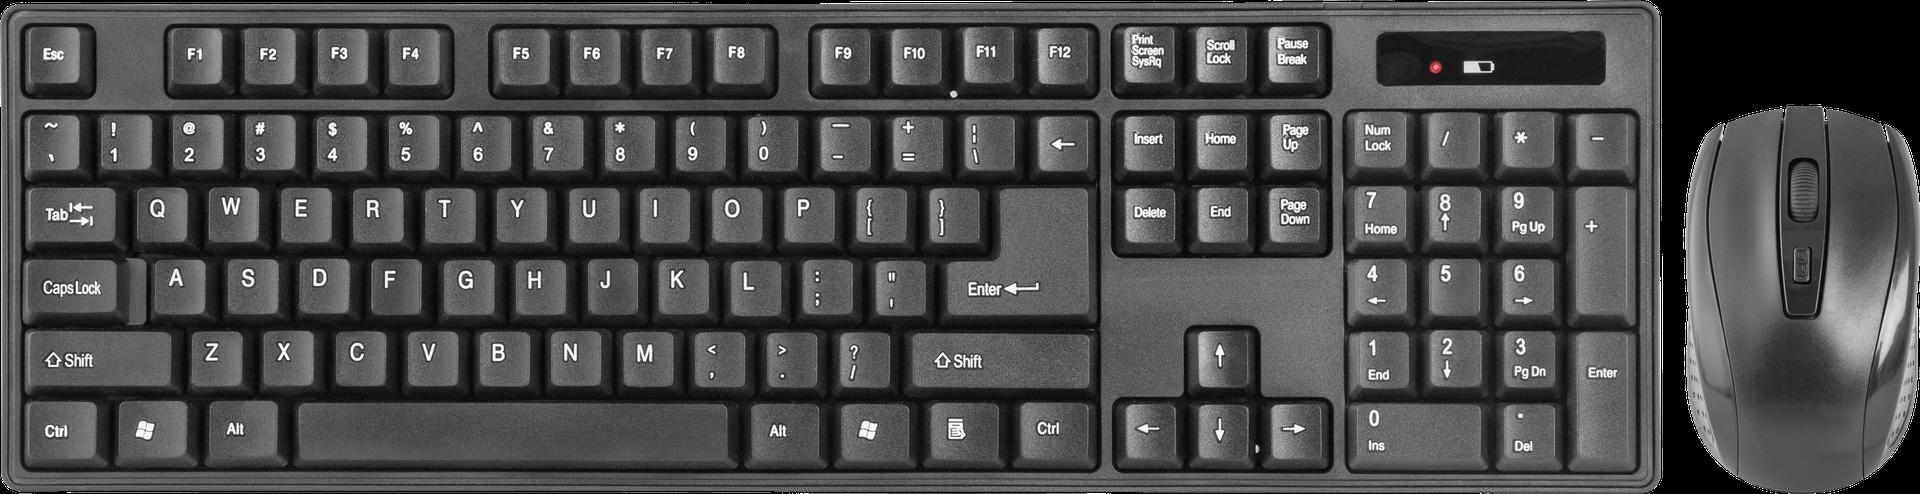 Клавиатура и мышь Defender C-915 RU Black USB